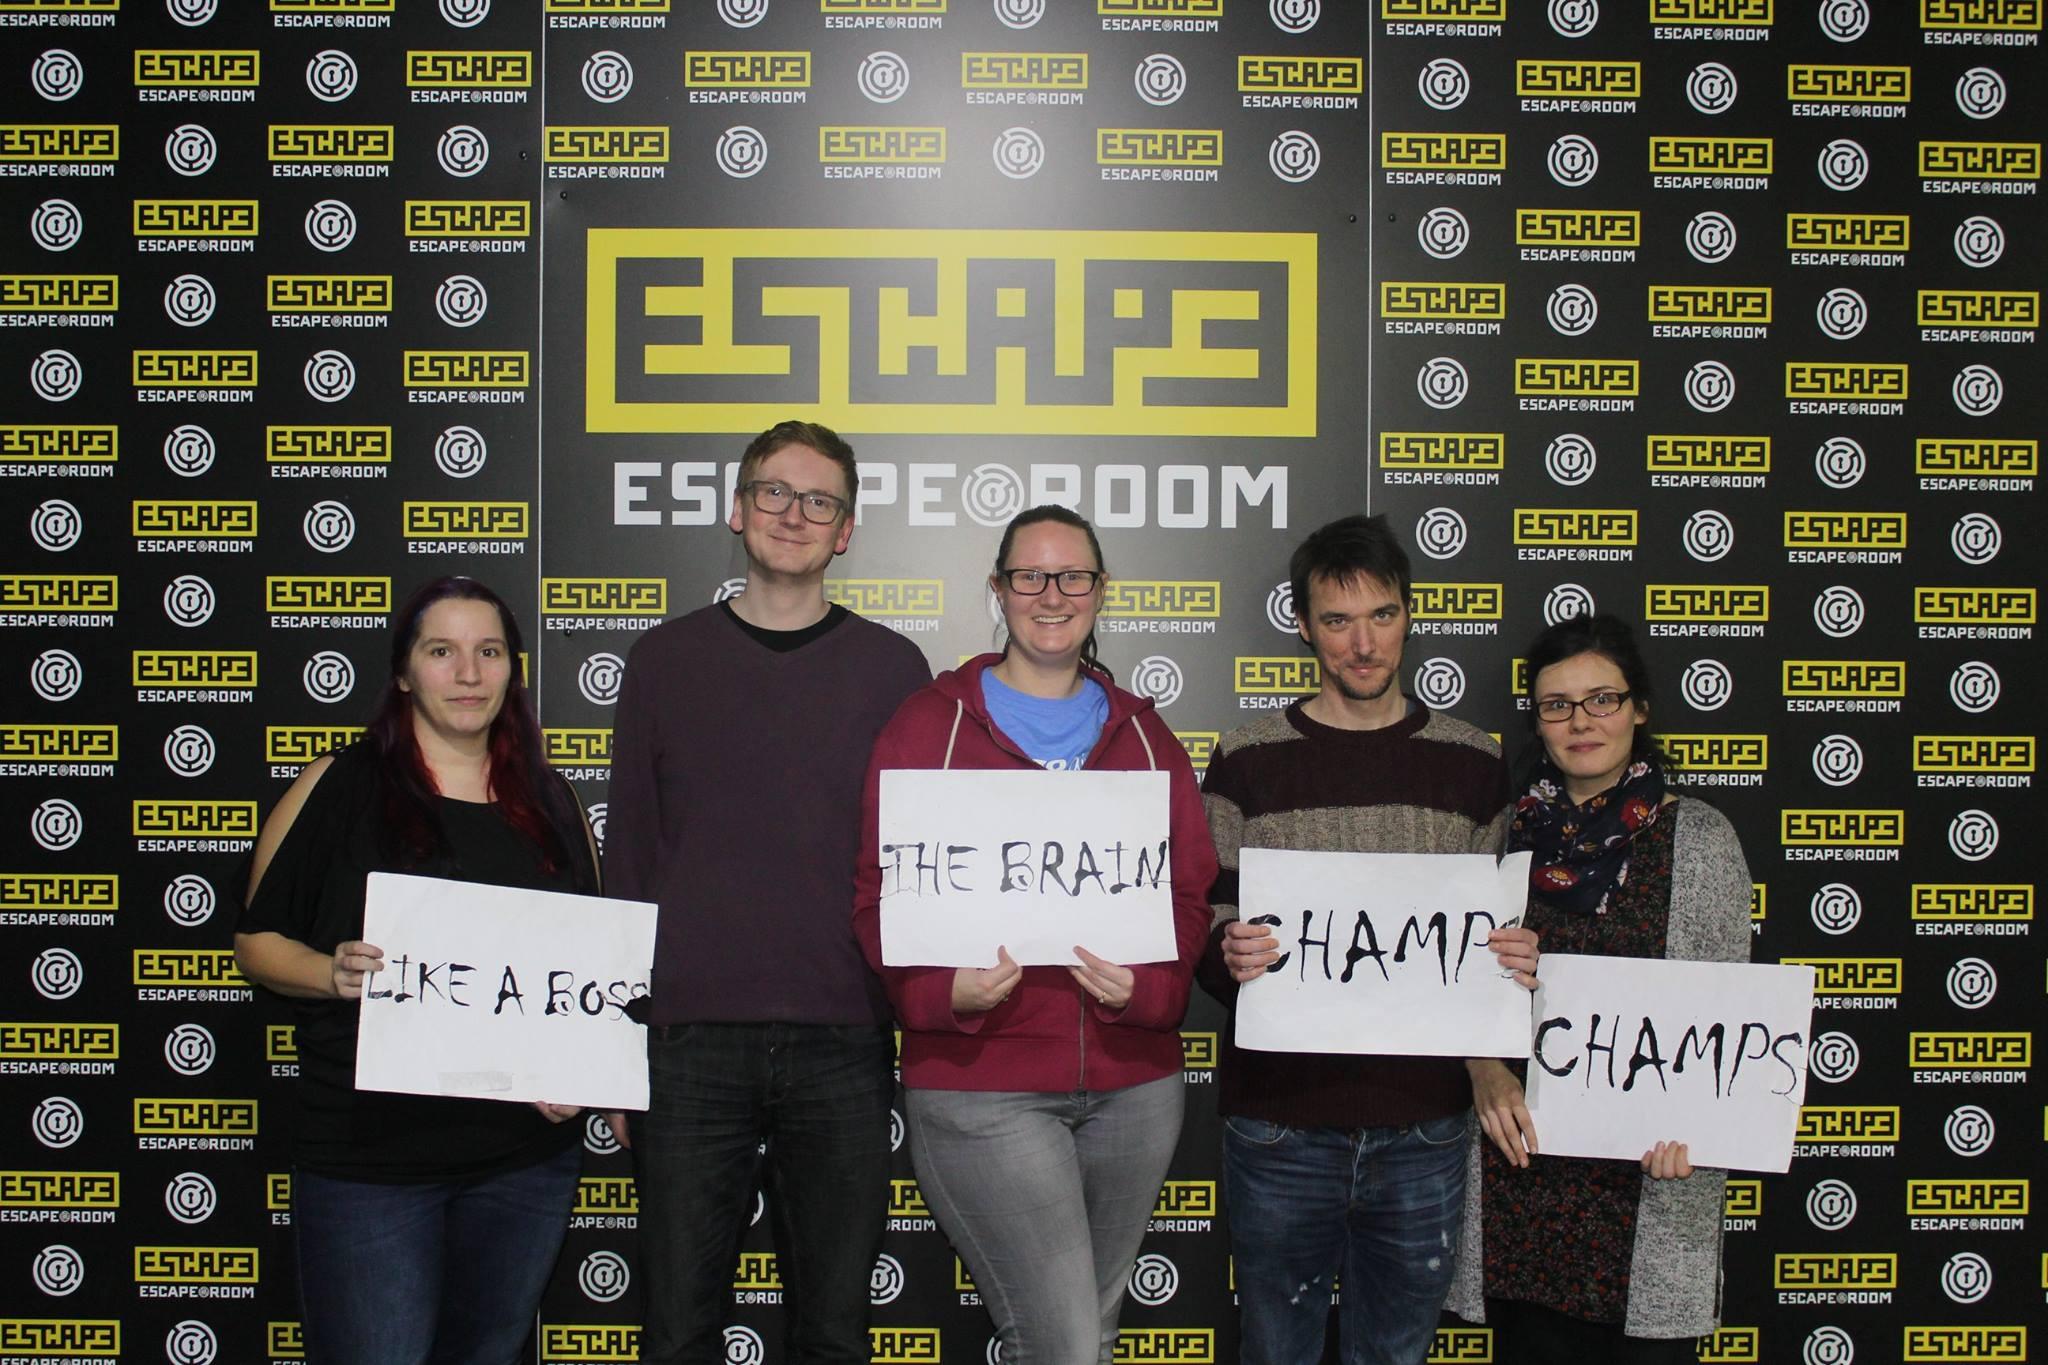 Escape Room, Preston – The Gallery